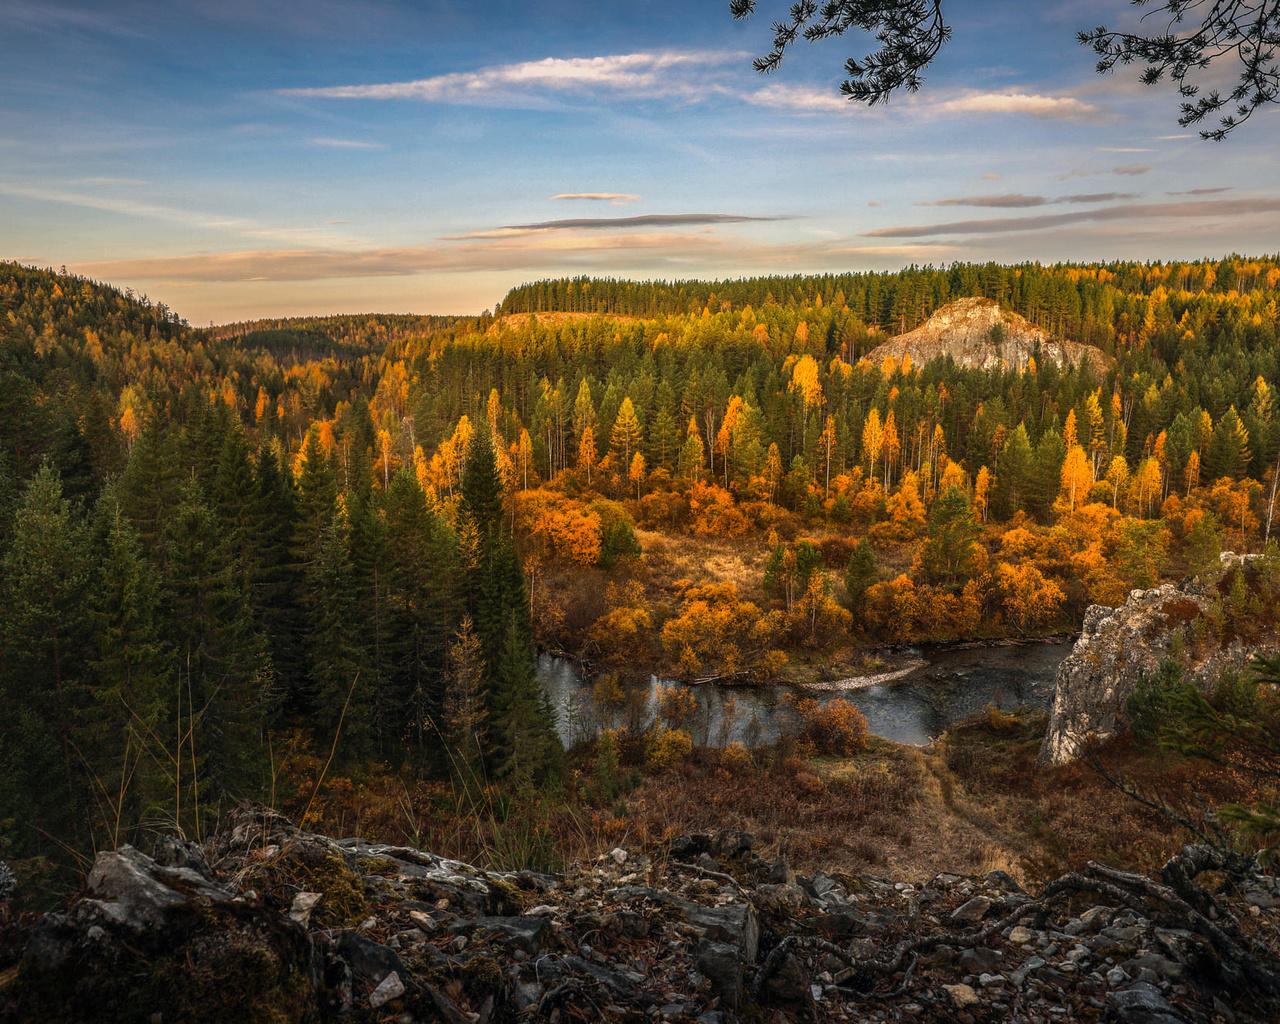 деревья, пейзаж, горы, природа, река, ели, леса